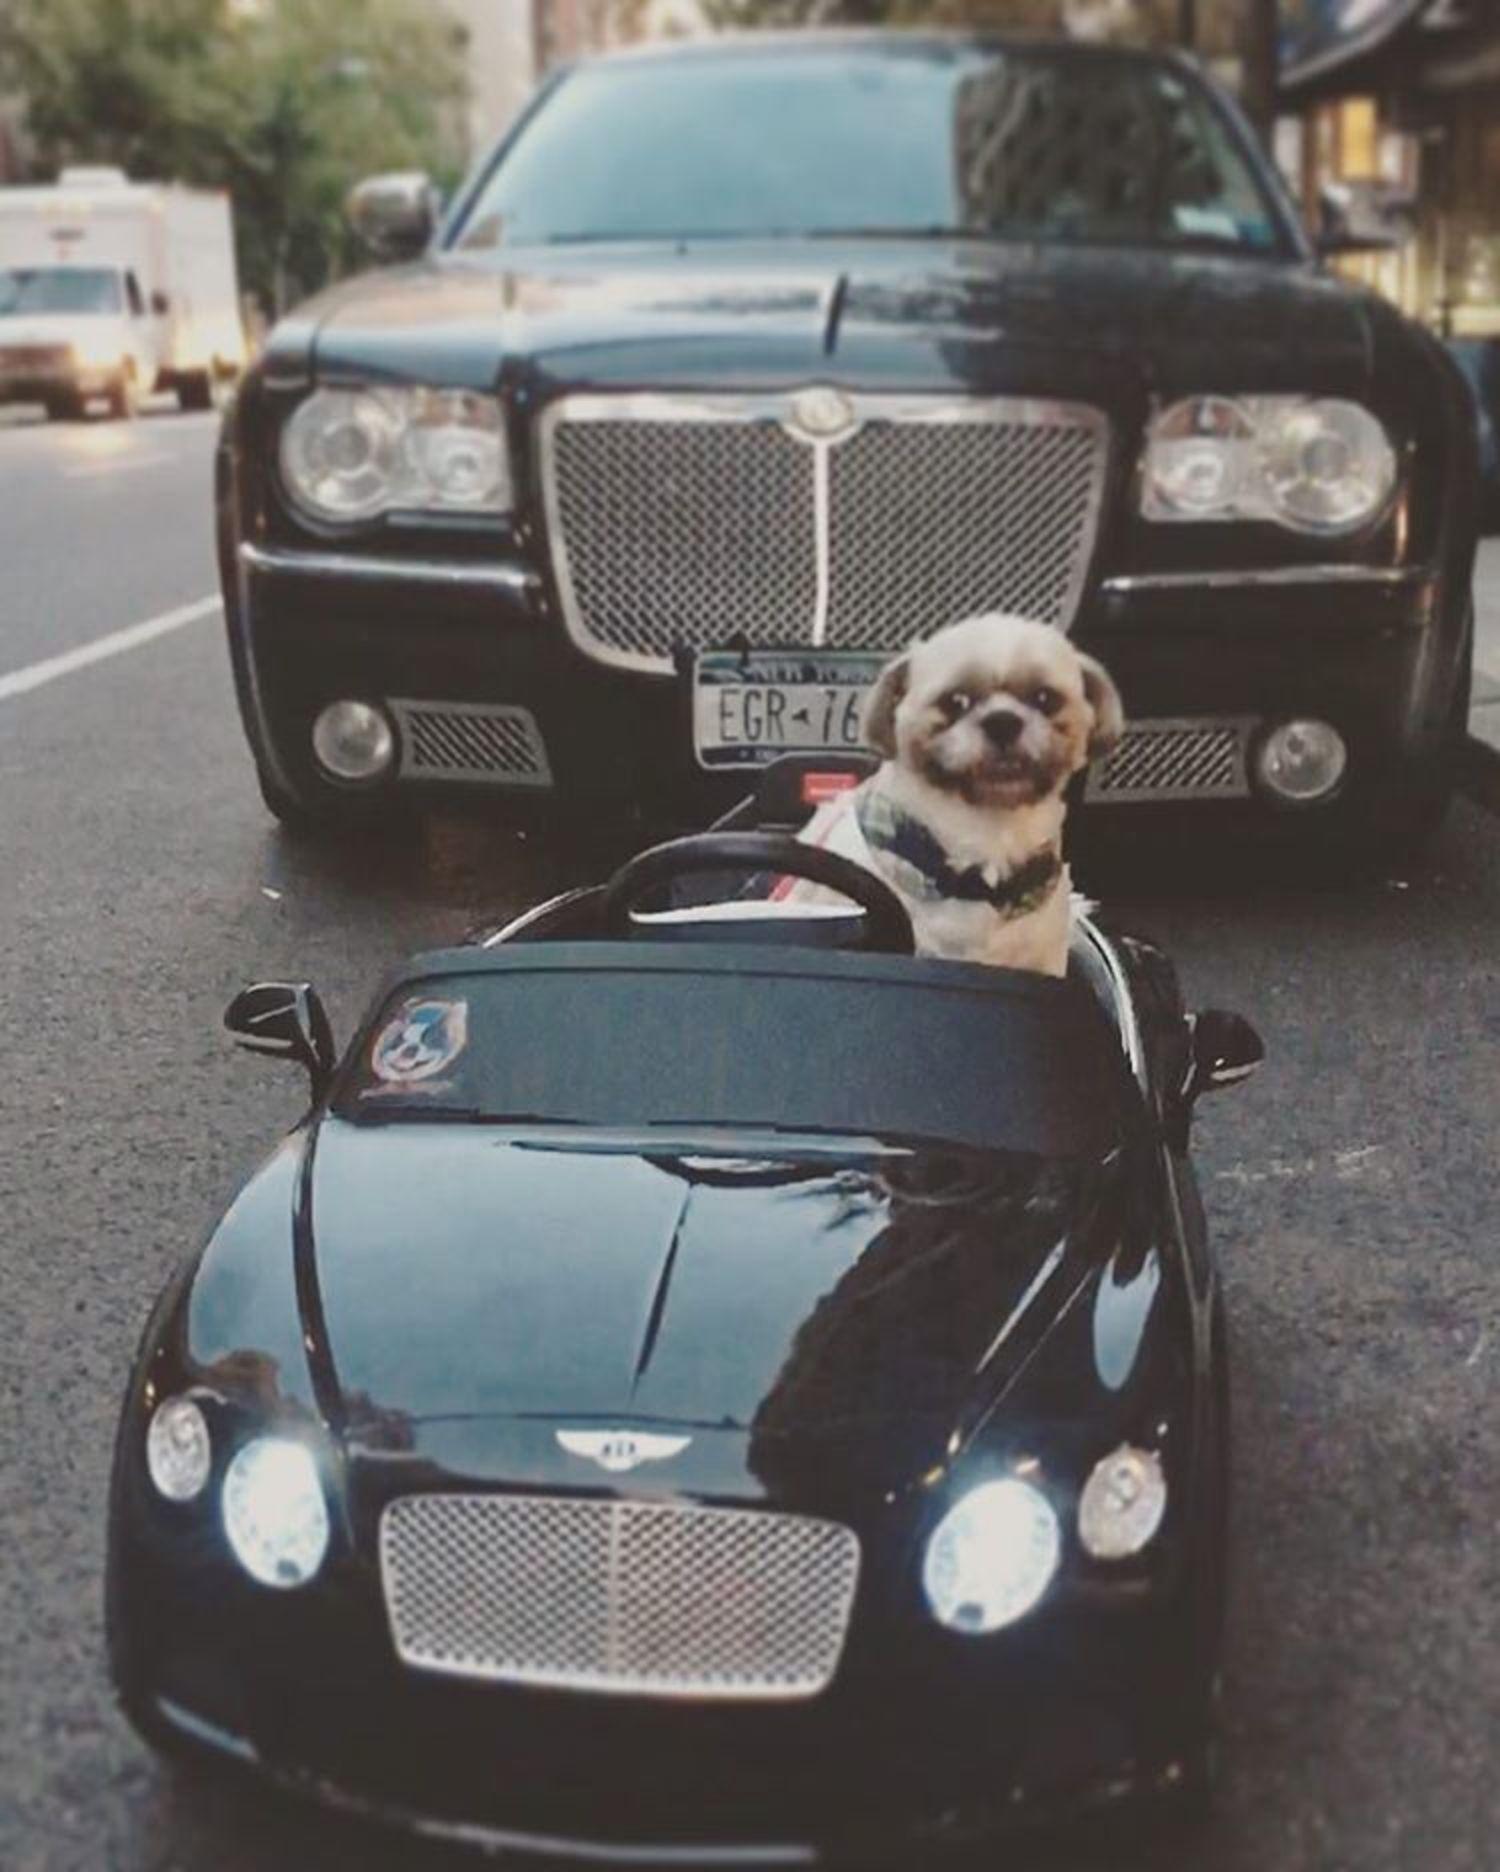 🐾Big Bentley, Baby Bentley.👶🏼Big Smile, Baby Teeth! Thank you @digitaldoggydaily we got our sticker!!! #digitaldoggydaily #shihtzu #bentley #nycdogs #dogsdrivingcars #shihtzusinbentleys #shihtzulove #petstagram #uppereastside #dogslife